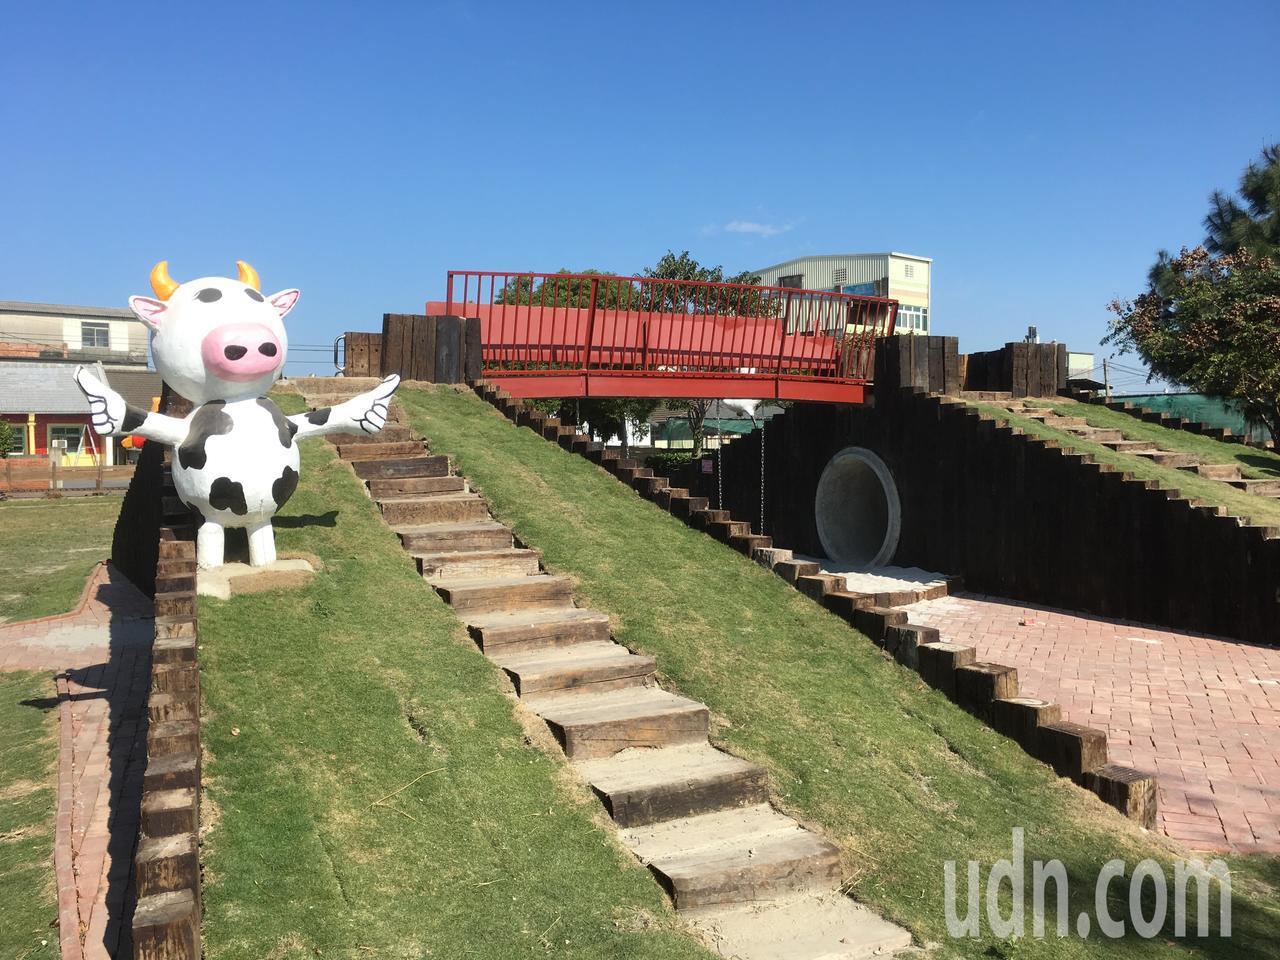 雲林縣二崙鄉湳仔社區參加雲林縣社區PK賽,打造好運通公園,裡面有一座大型雙梯道的...